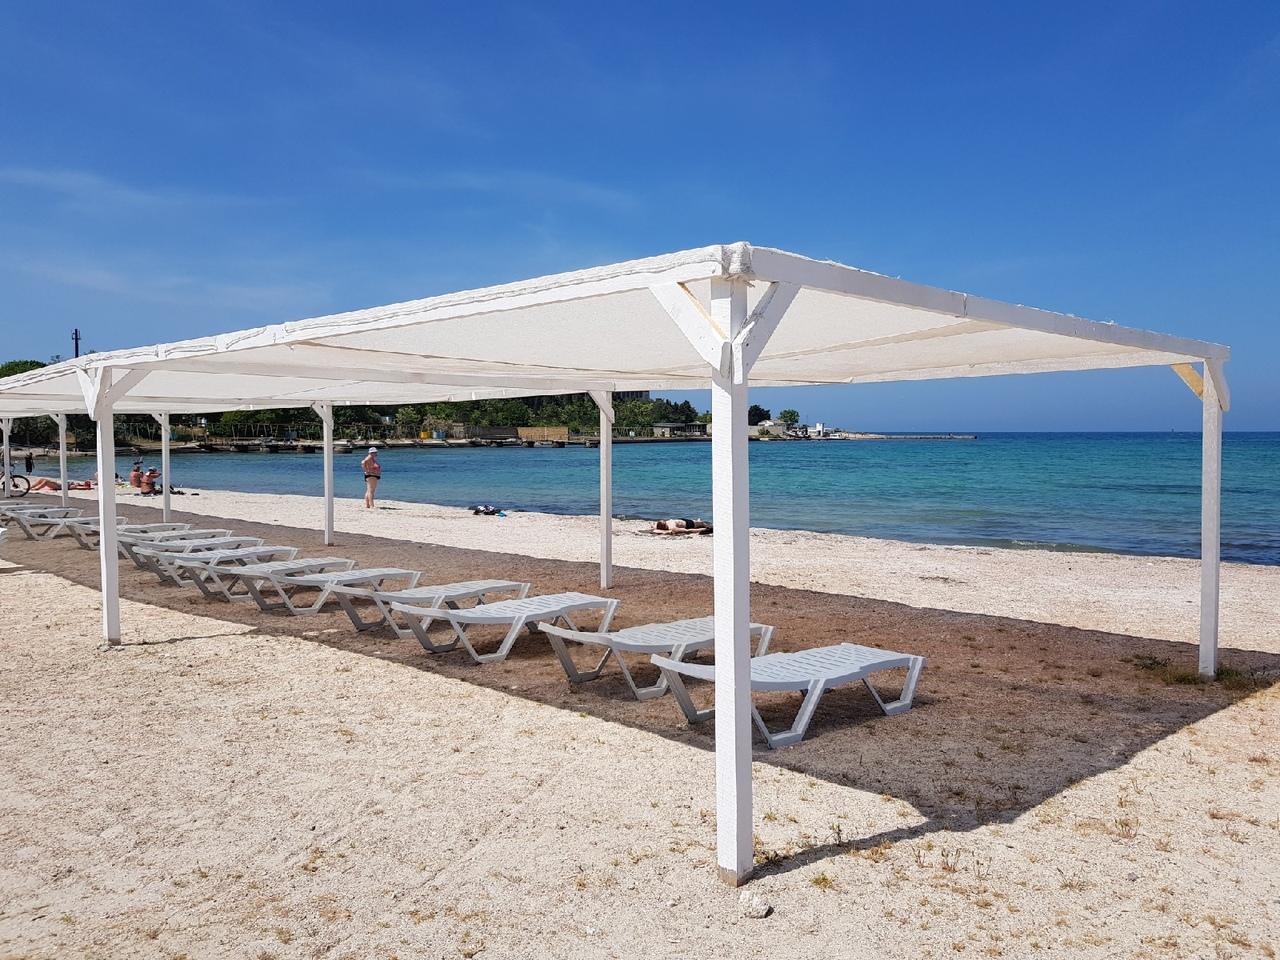 Как выглядит пляж «Омега» в Севастополе перед началом летнего сезона